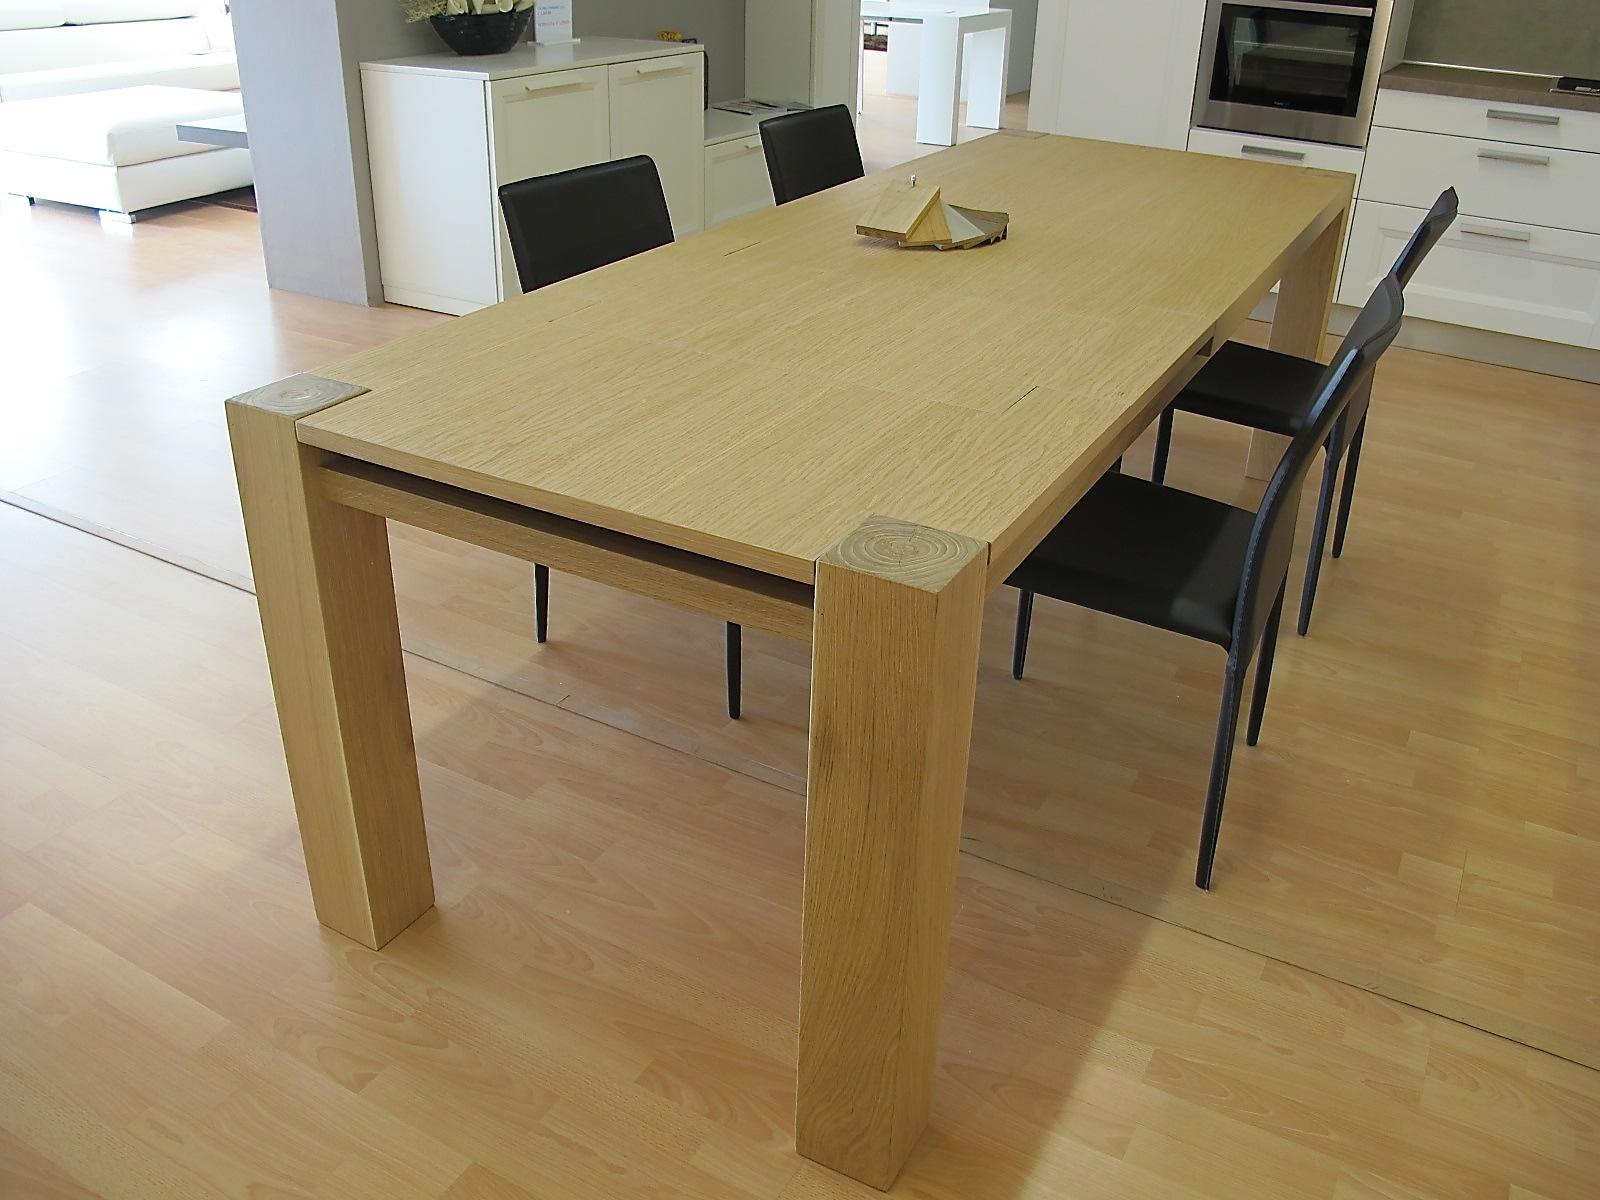 tavolo in legno massiccio rovere allungabile tavoli a